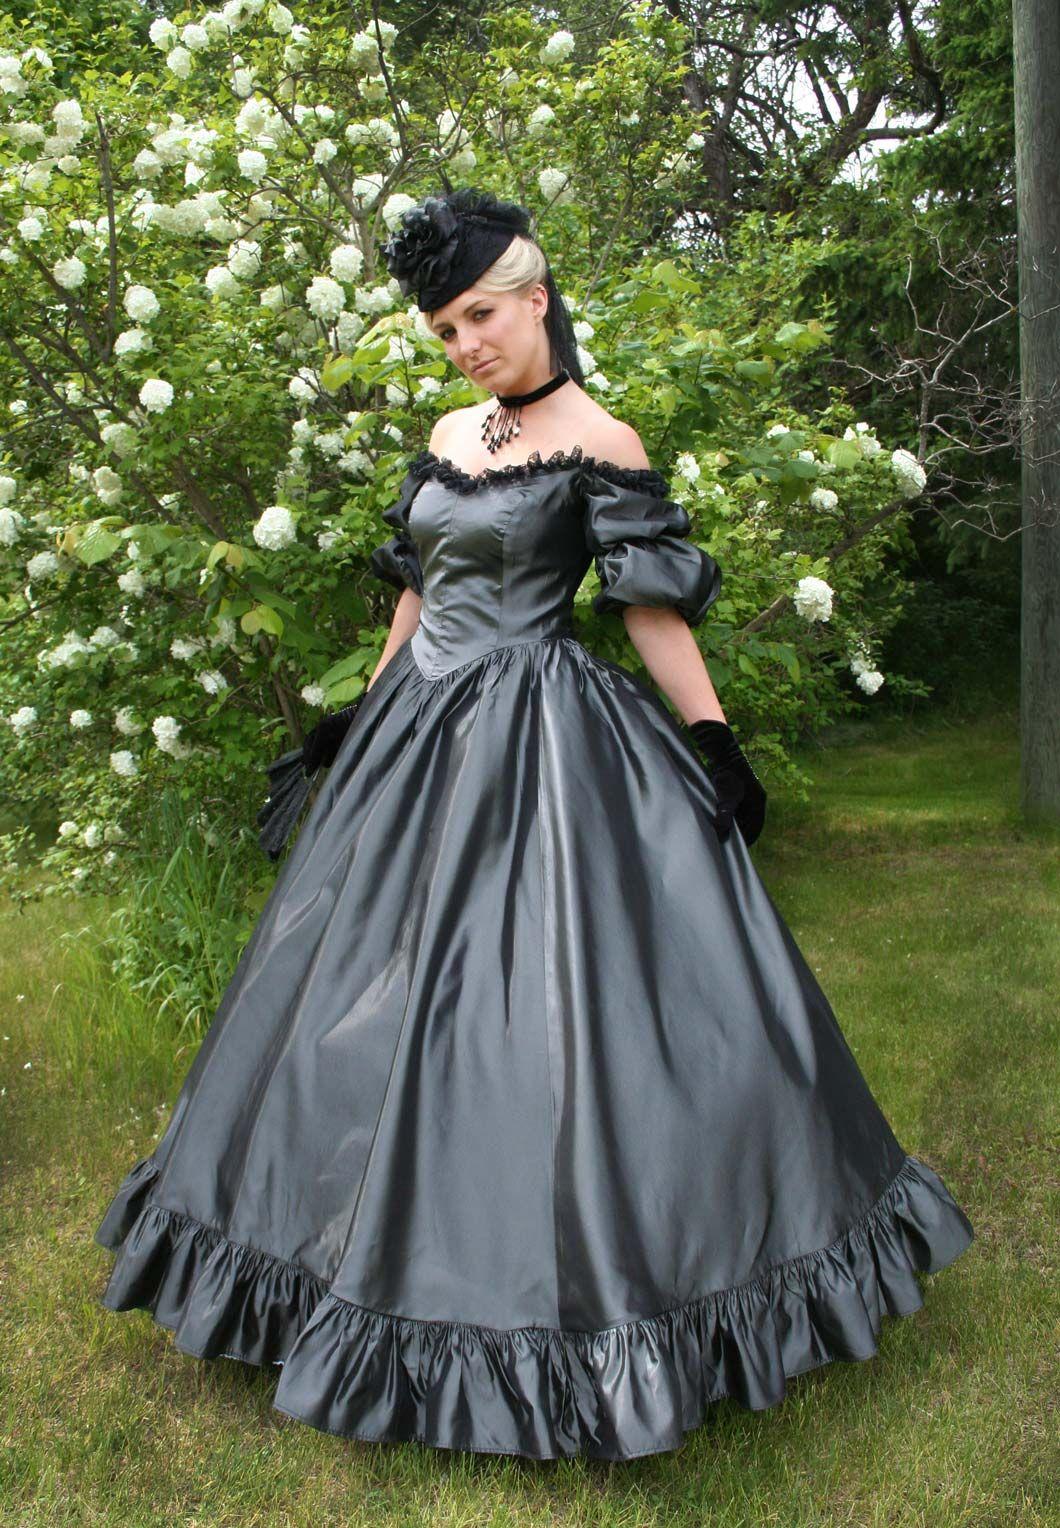 Priscilla Victorian Gown bicenntial 2019